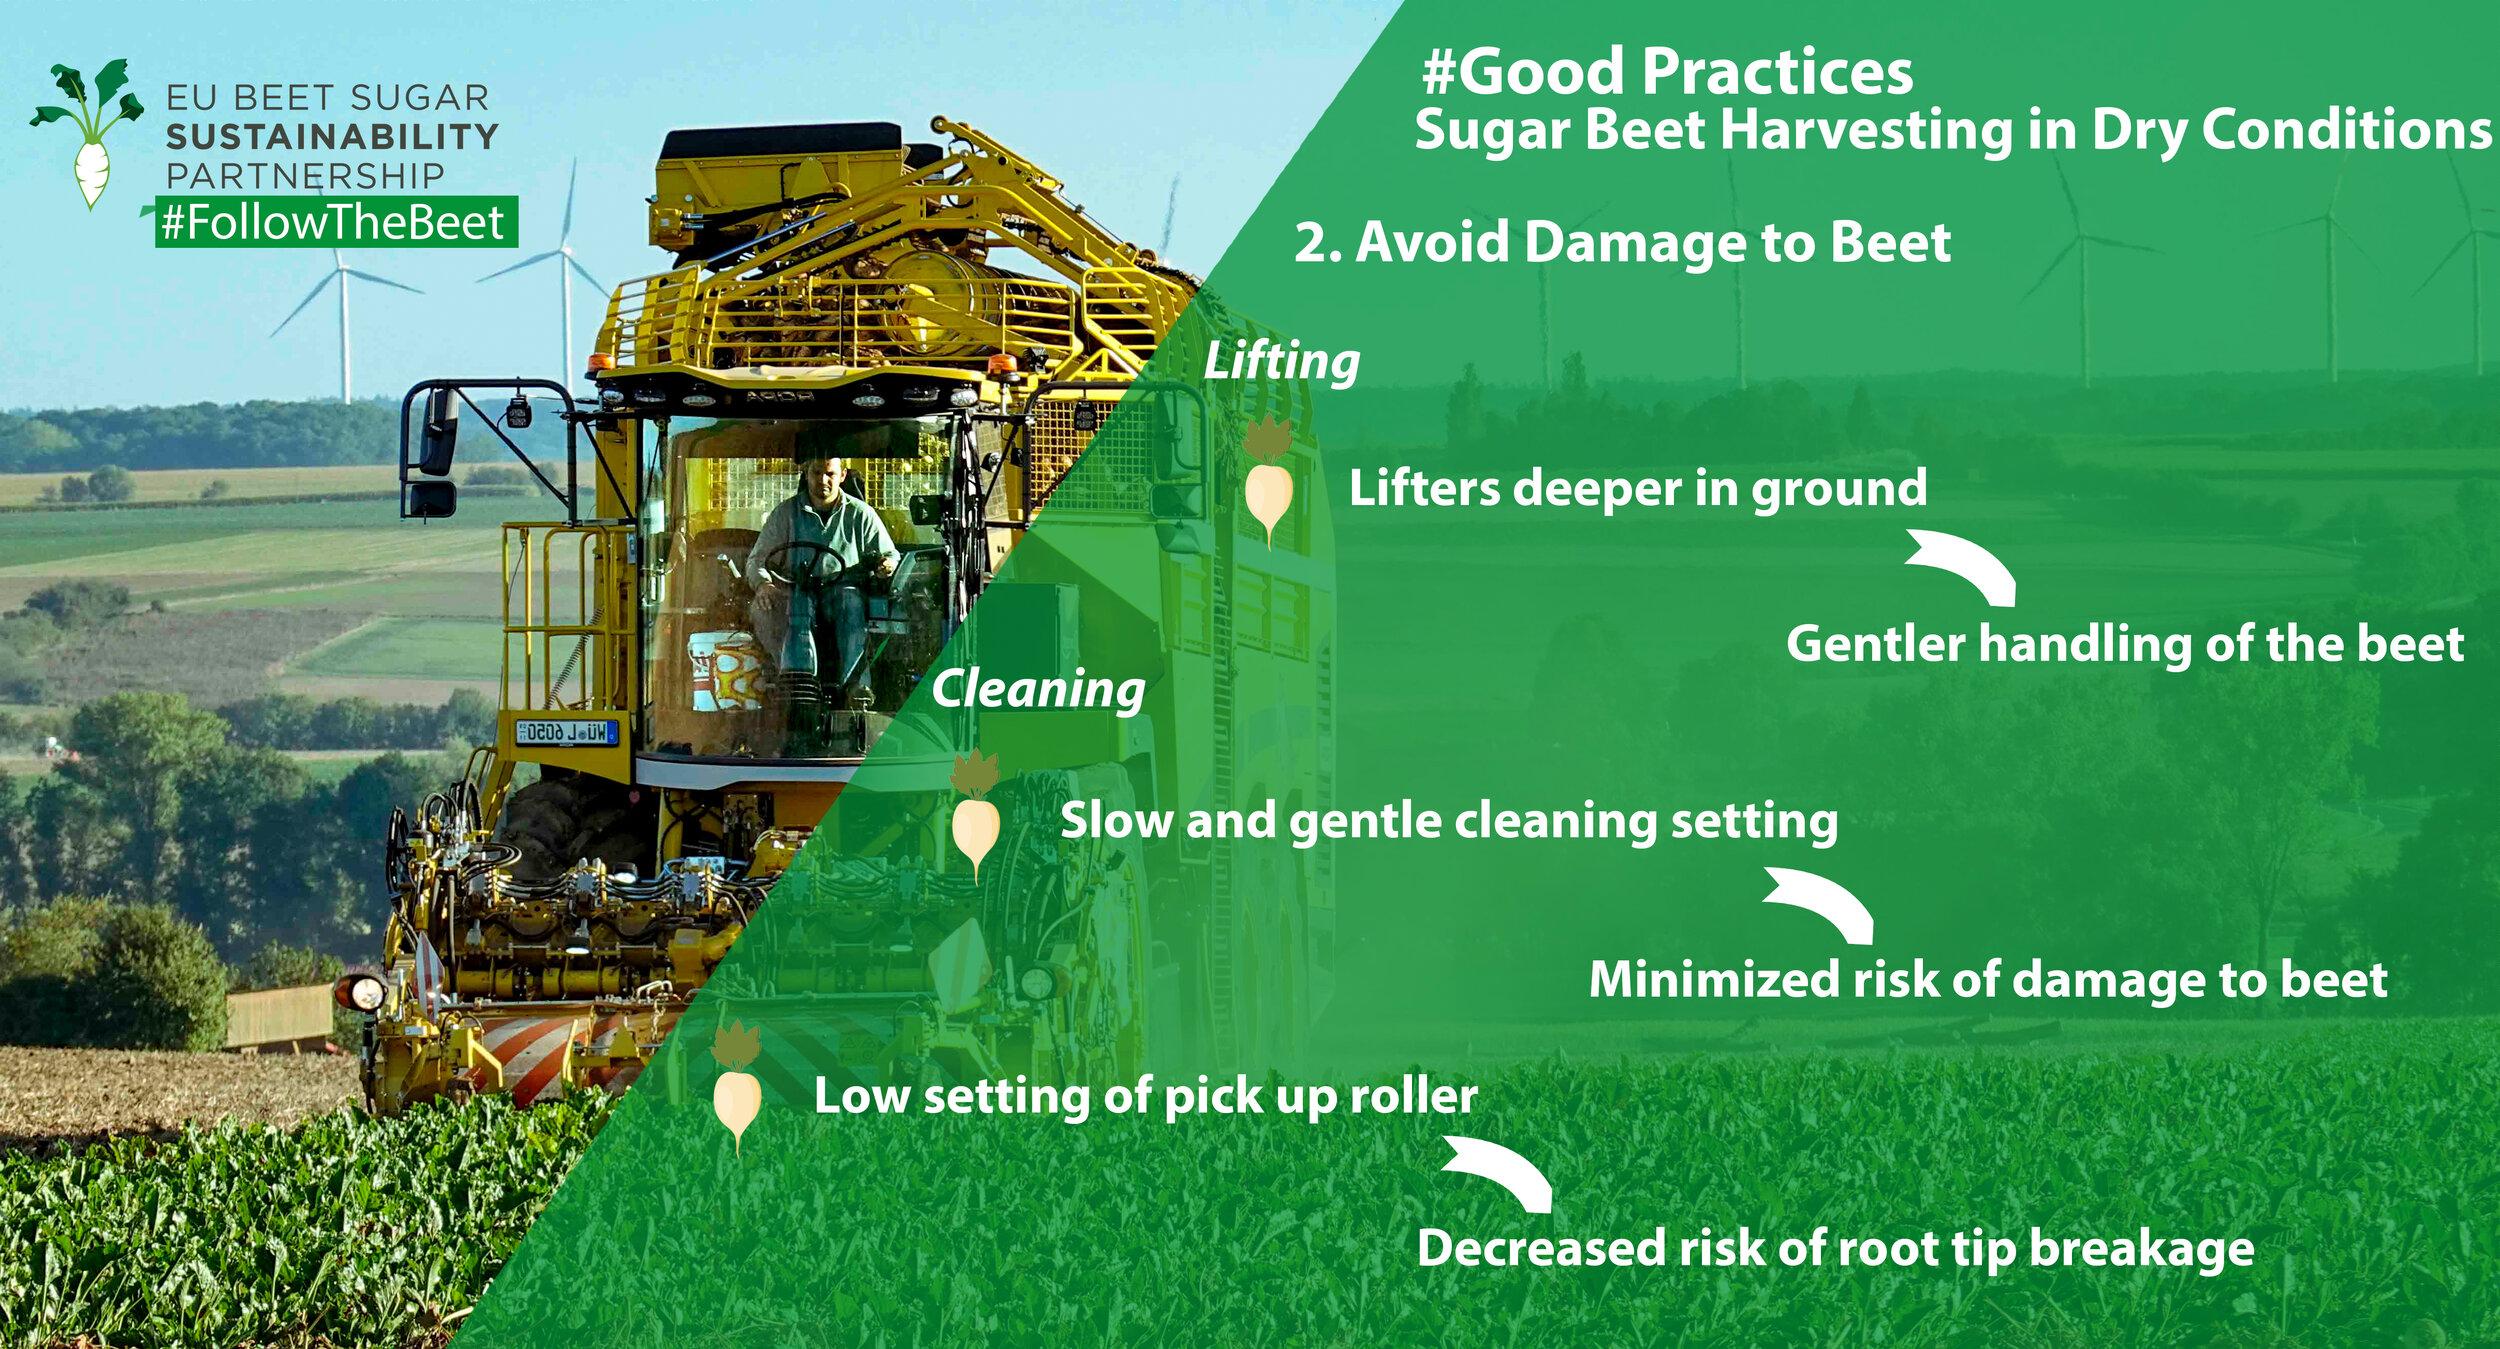 2019-ß9-19  Tweet_2 GoodPractices Harvest Beet Damage.jpg